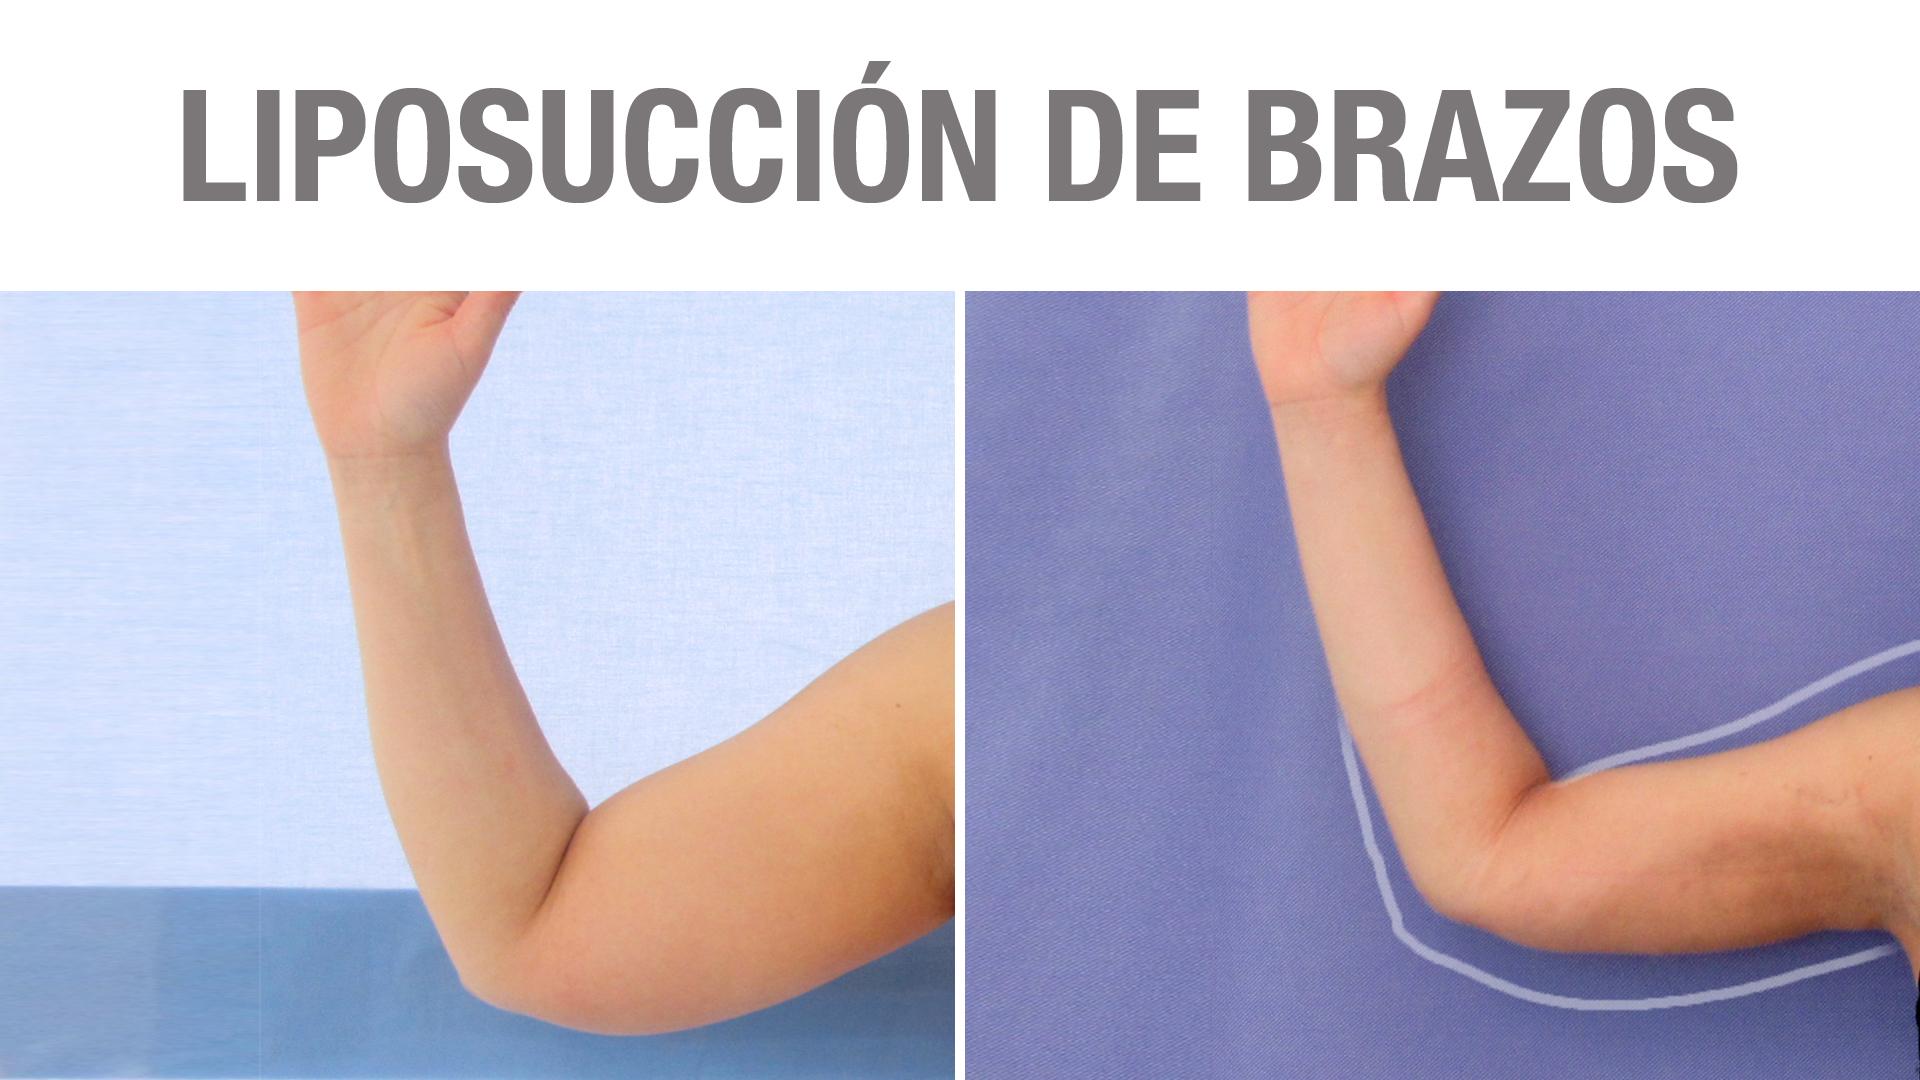 adelgazar brazos antes y despues del embarazo